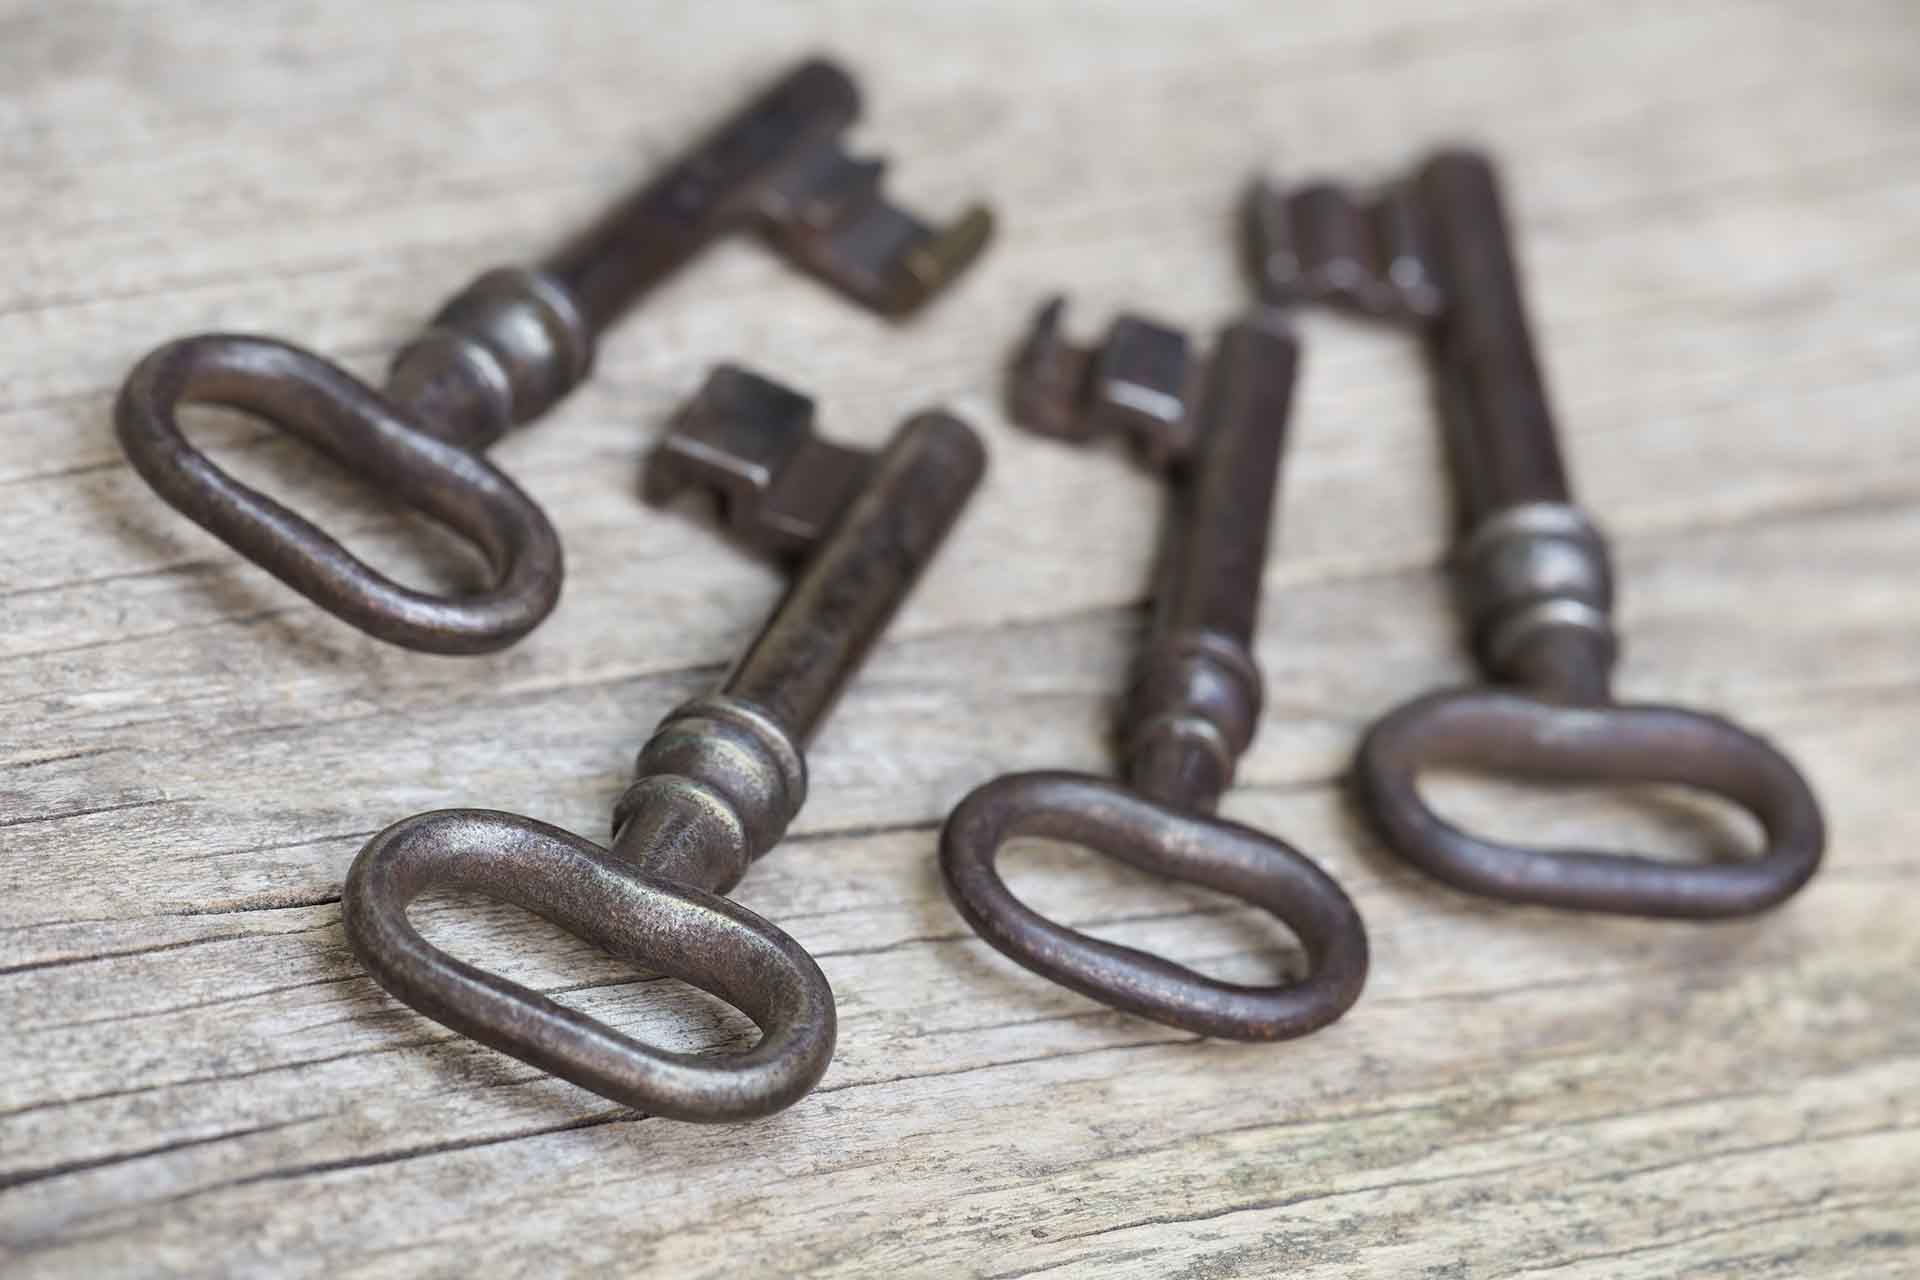 5 common escape room mistakes